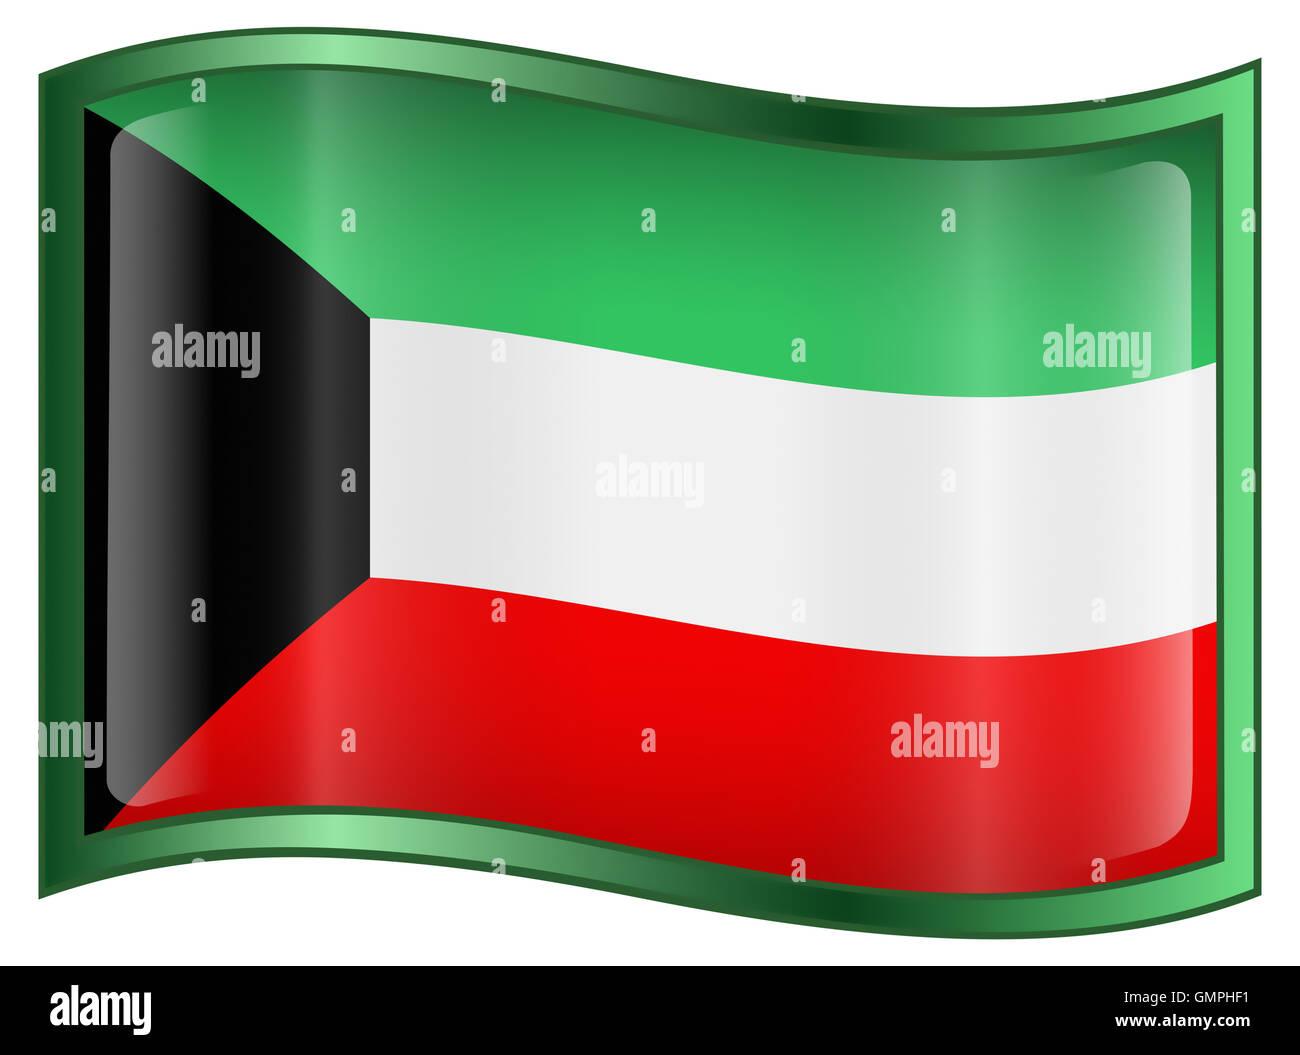 Kuwait Flag Icon, isolated on white background. - Stock Image